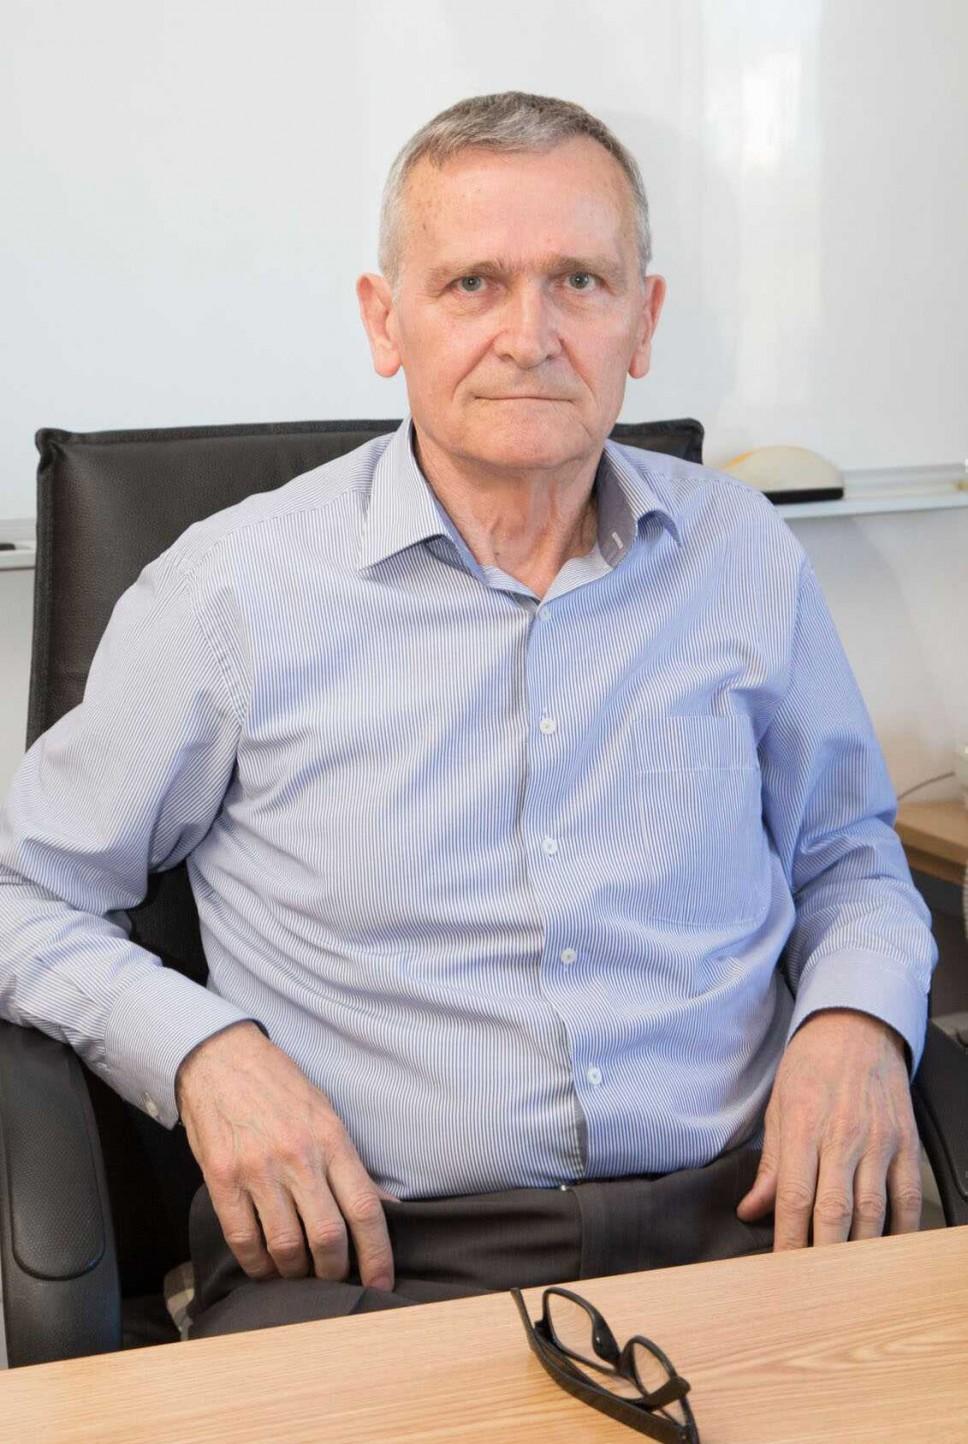 Biografija - Mišović Mitar